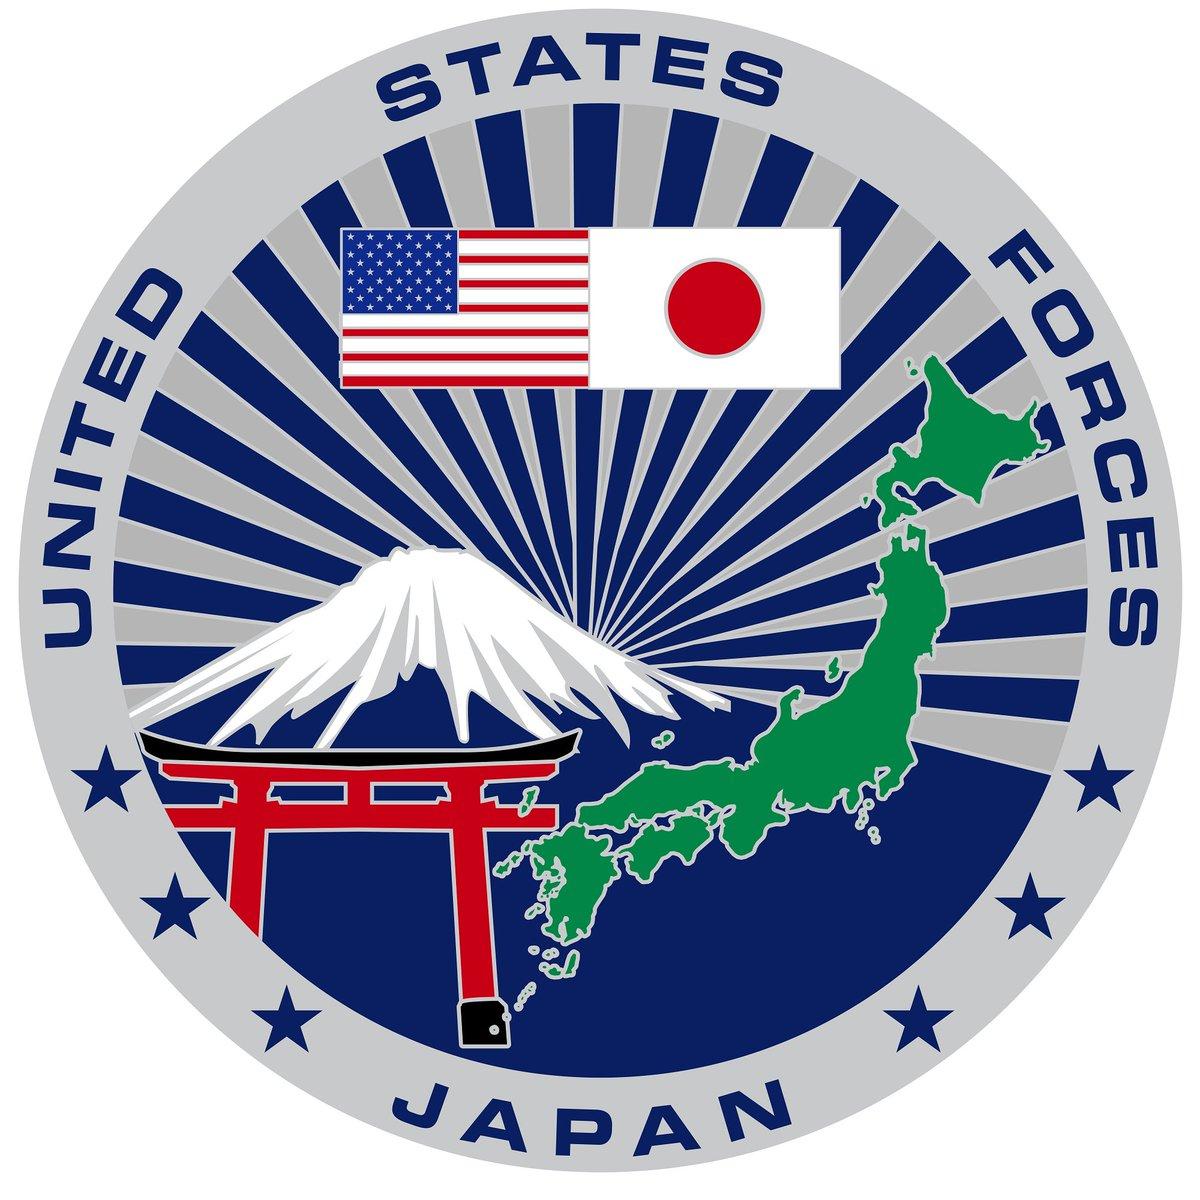 在日米軍司令部のロゴが新しくなりました~~!皆さん、いかがでしょうか?? https://t.co/slIXLIGUL7